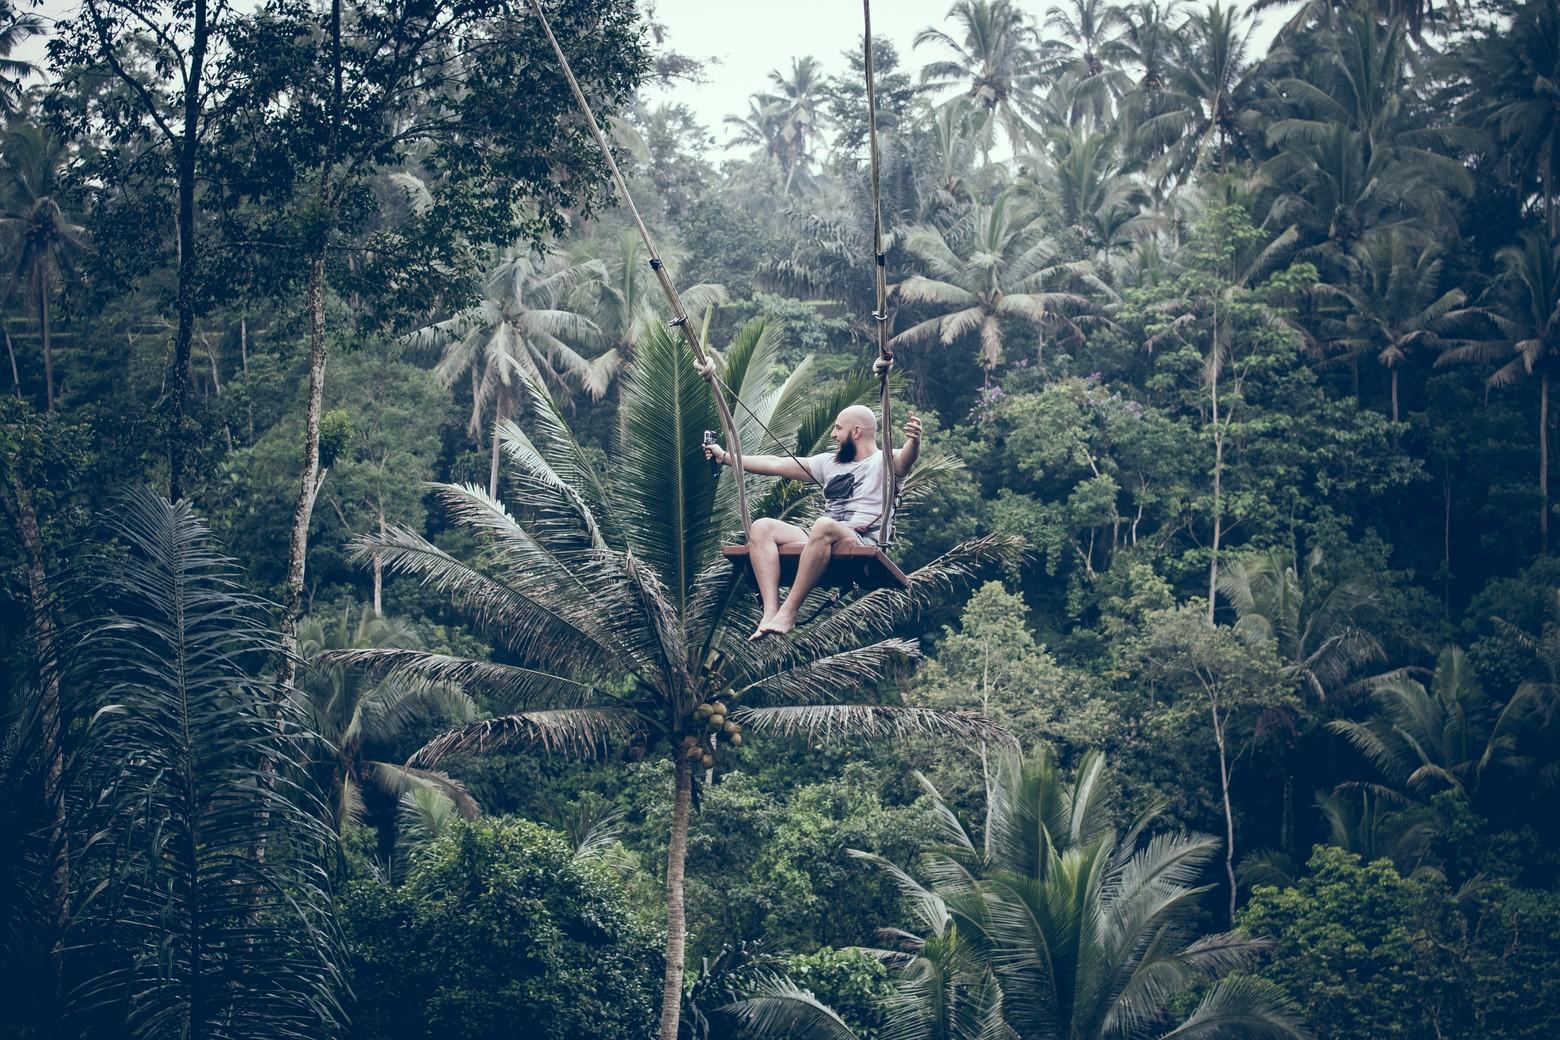 homme sur balancoire jungle